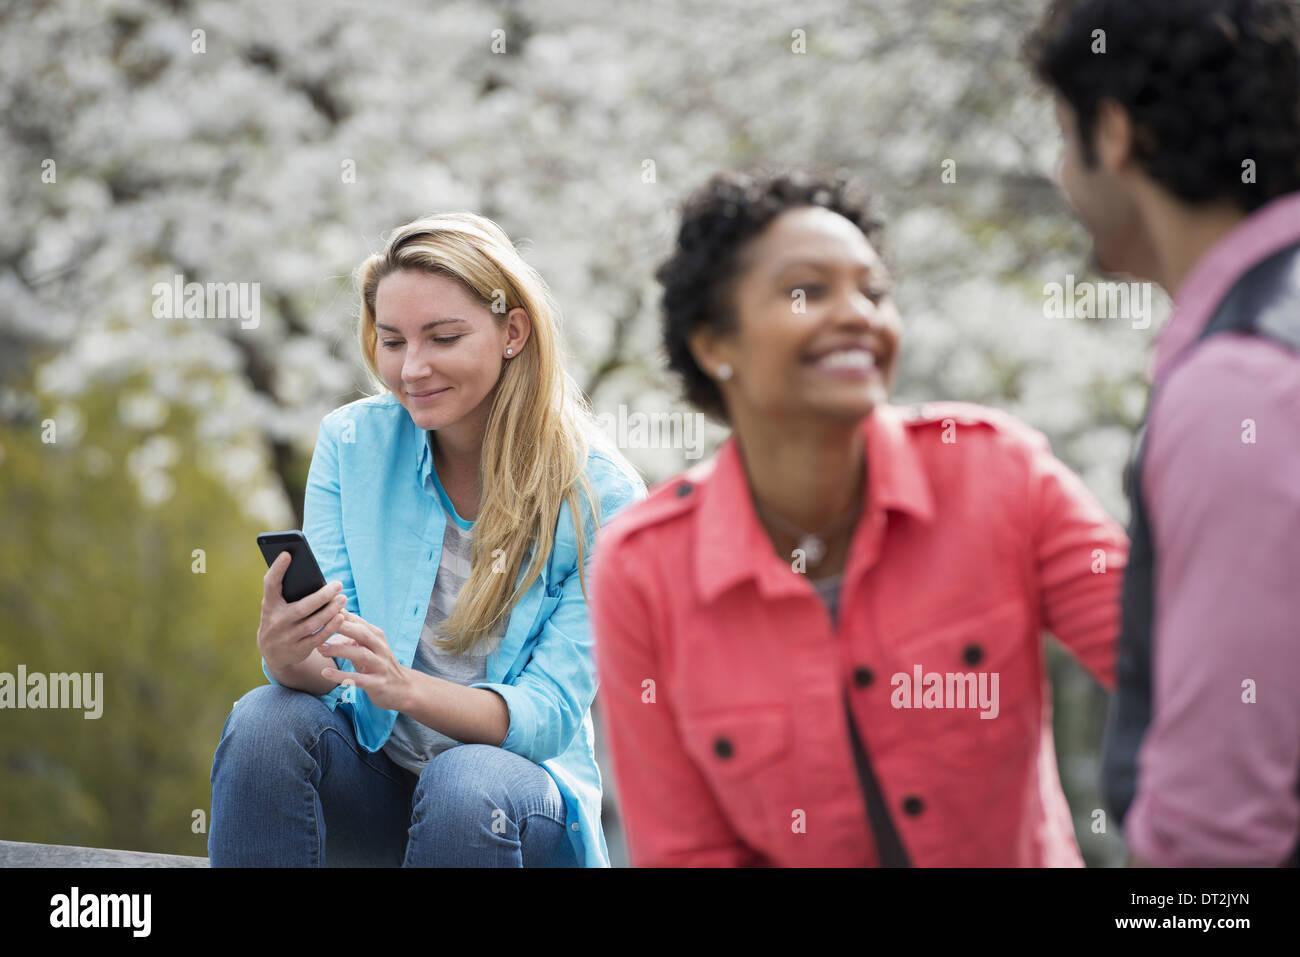 En la primavera del parque de la ciudad de Nueva York en los árboles en flor blanca una mujer sentada en un banco sosteniendo su teléfono móvil una pareja a su lado Imagen De Stock